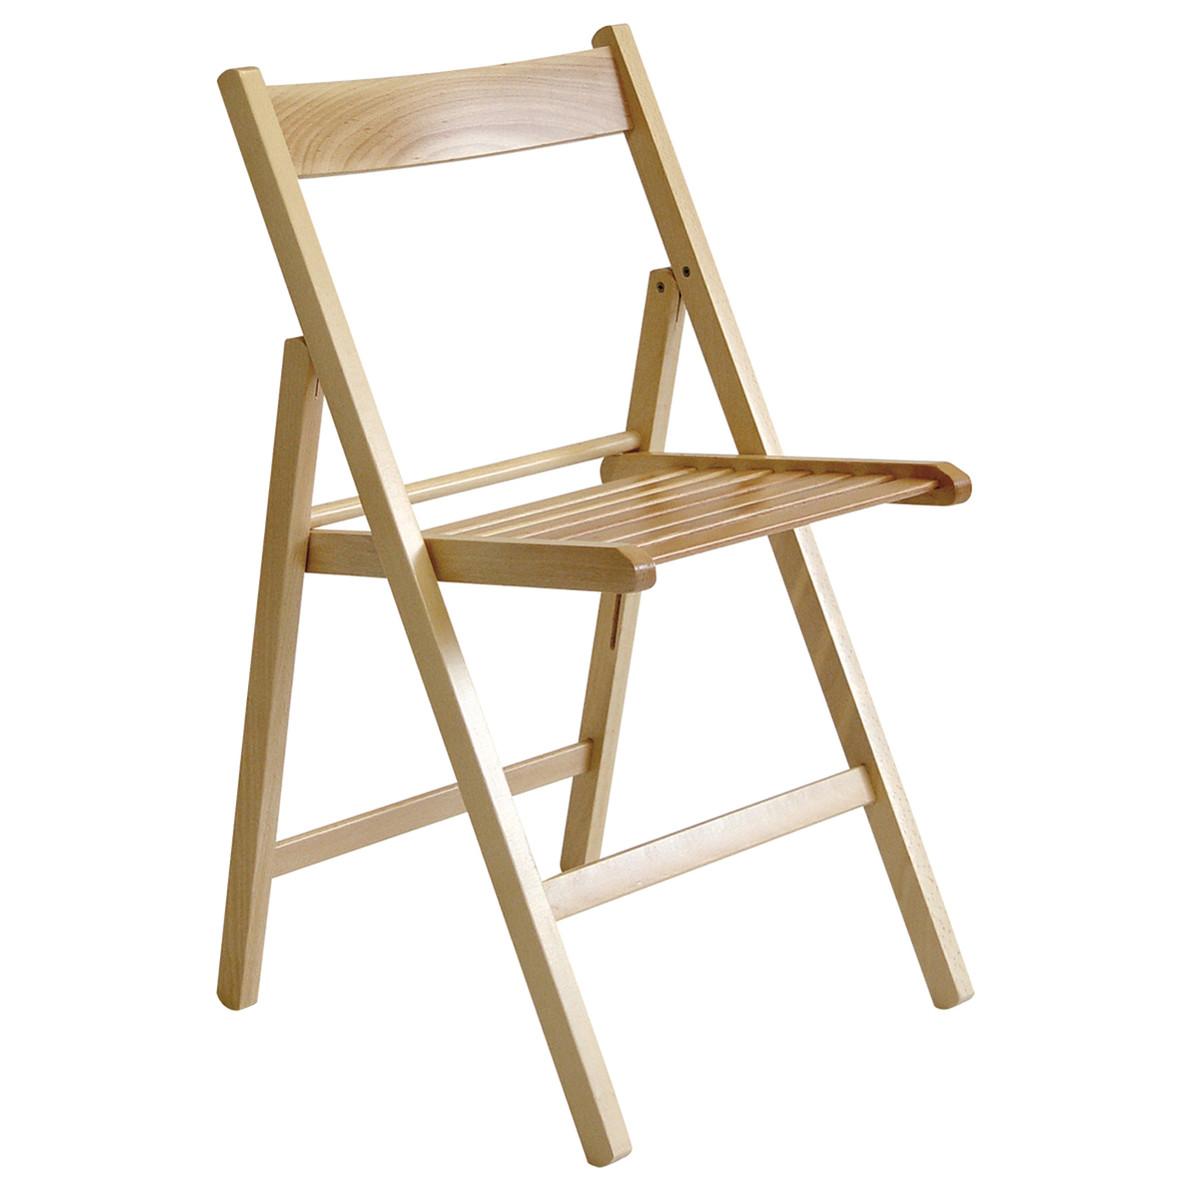 Складные стулья своими руками из дерева: чертежи, выполнение 86